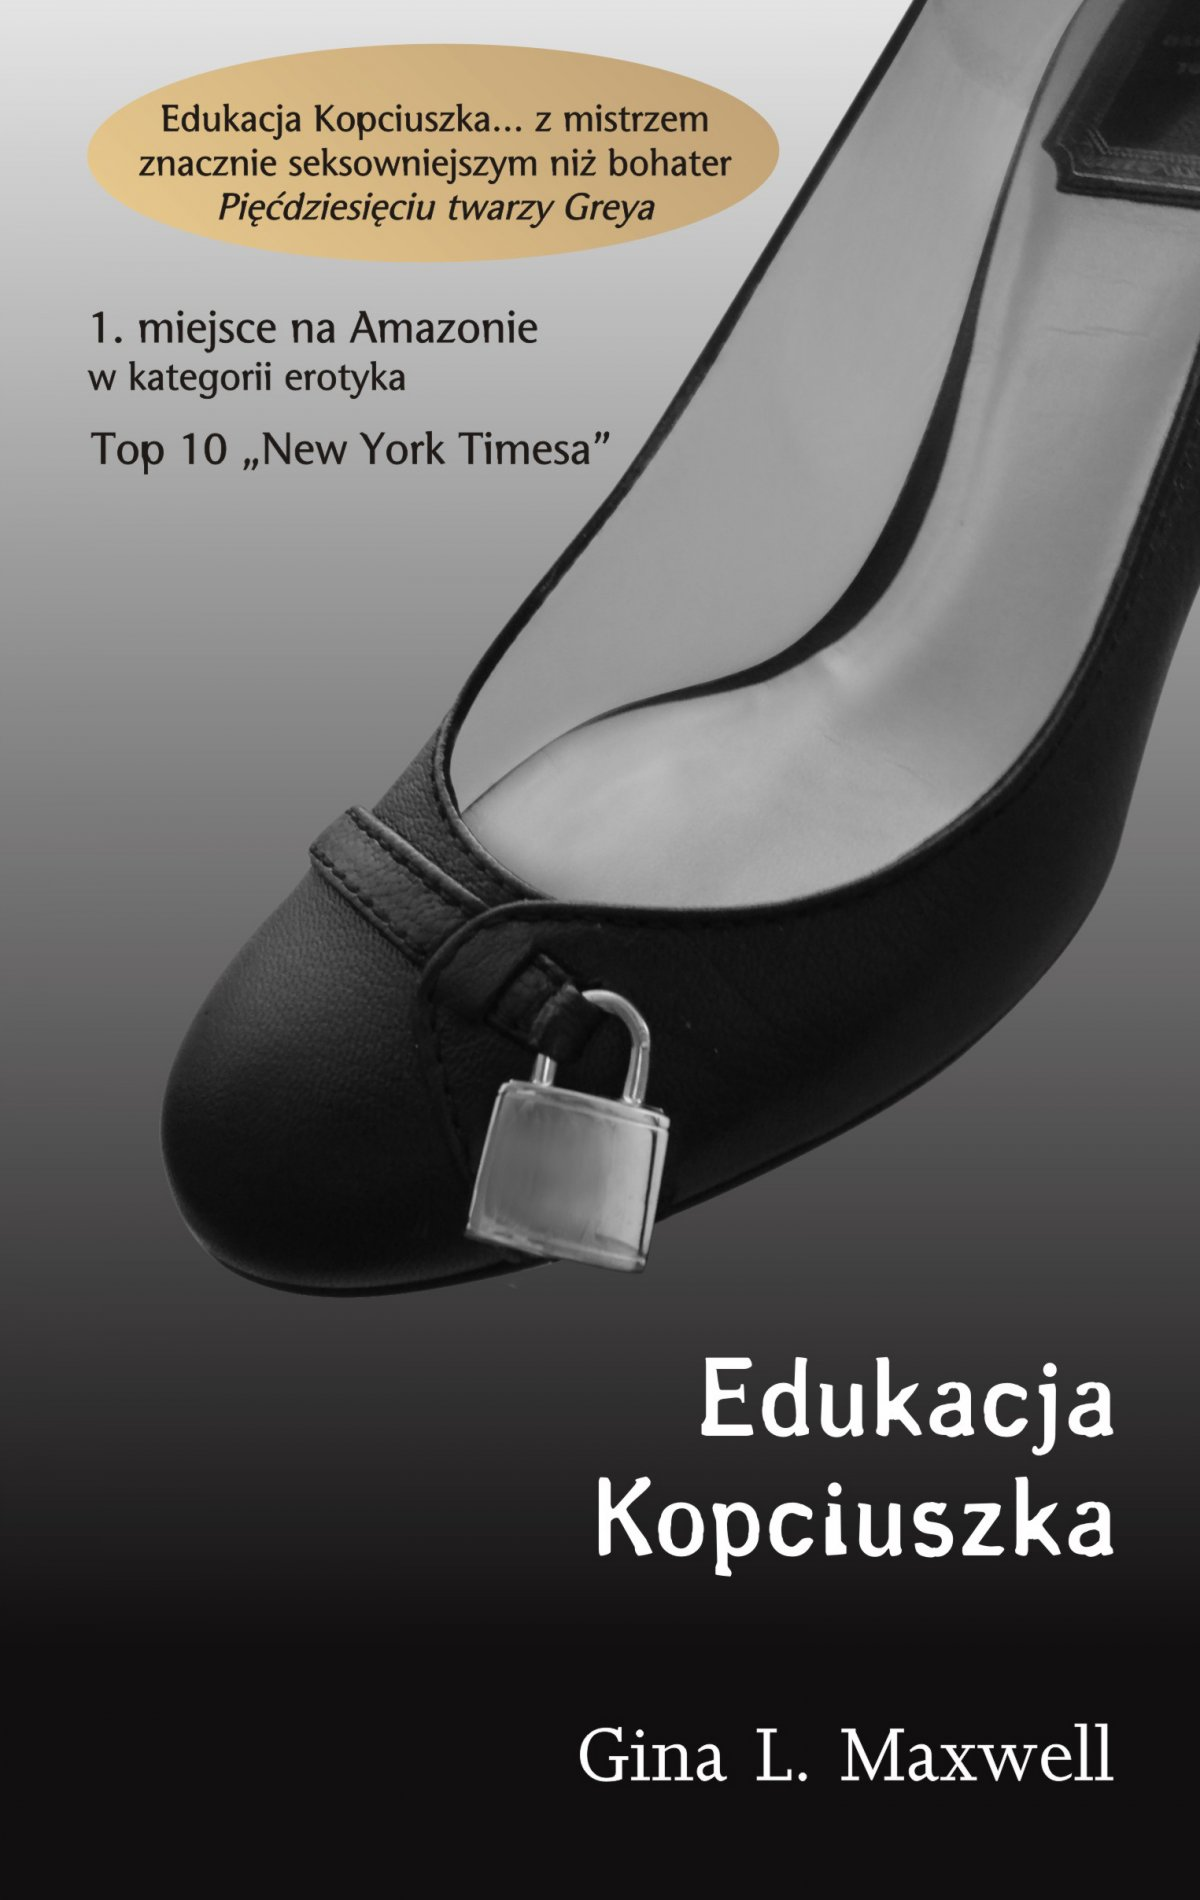 Edukacja Kopciuszka - Ebook (Książka EPUB) do pobrania w formacie EPUB